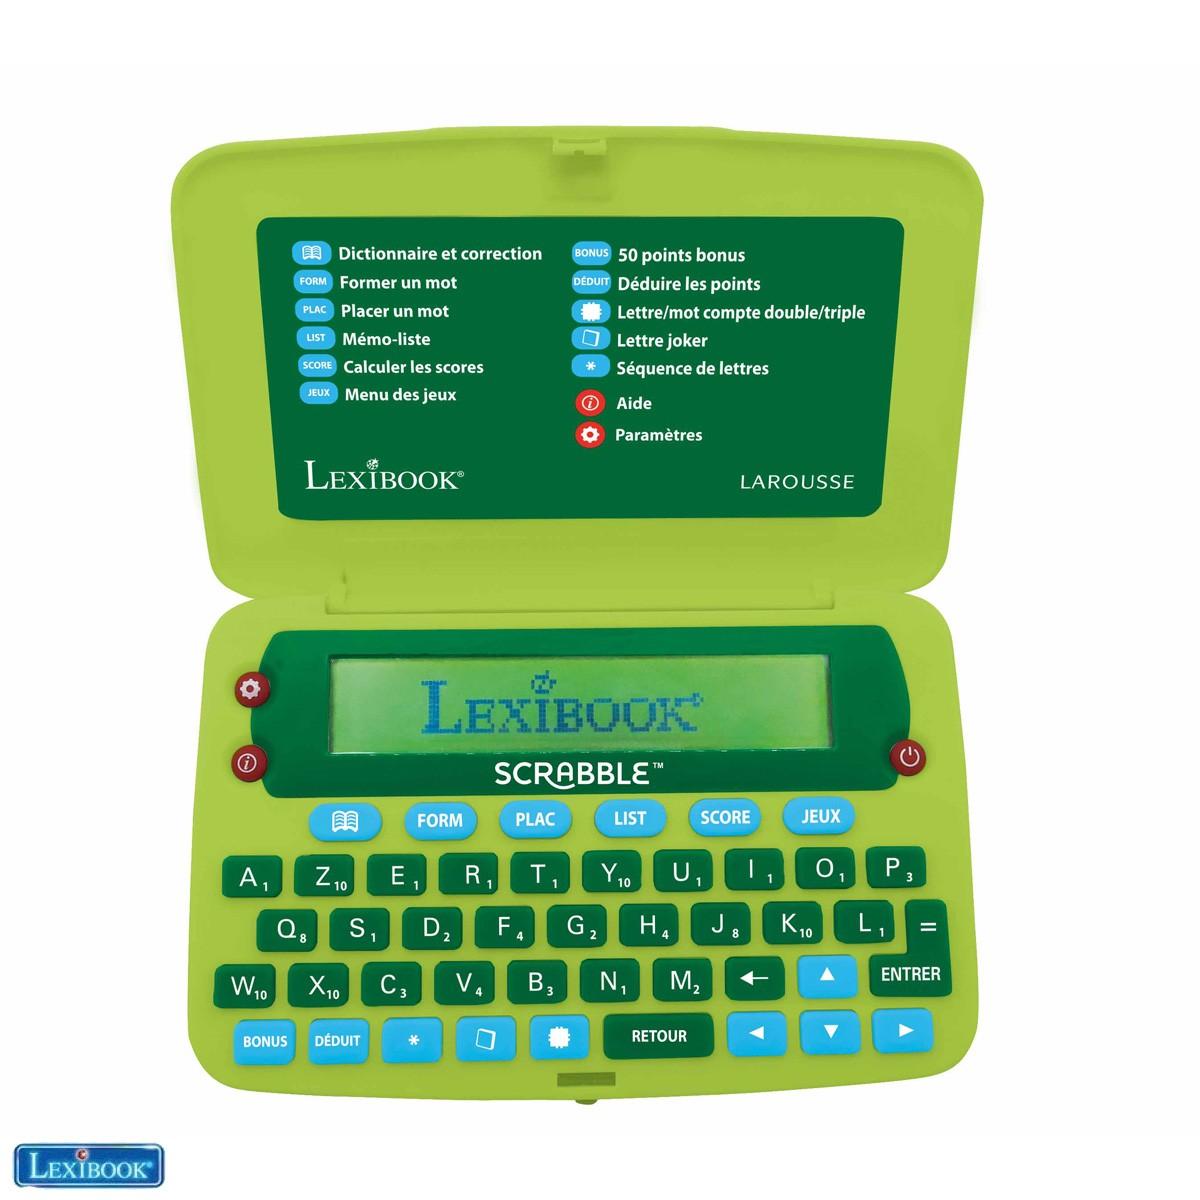 L'OFFICIEL du jeu Scrabble ODS8